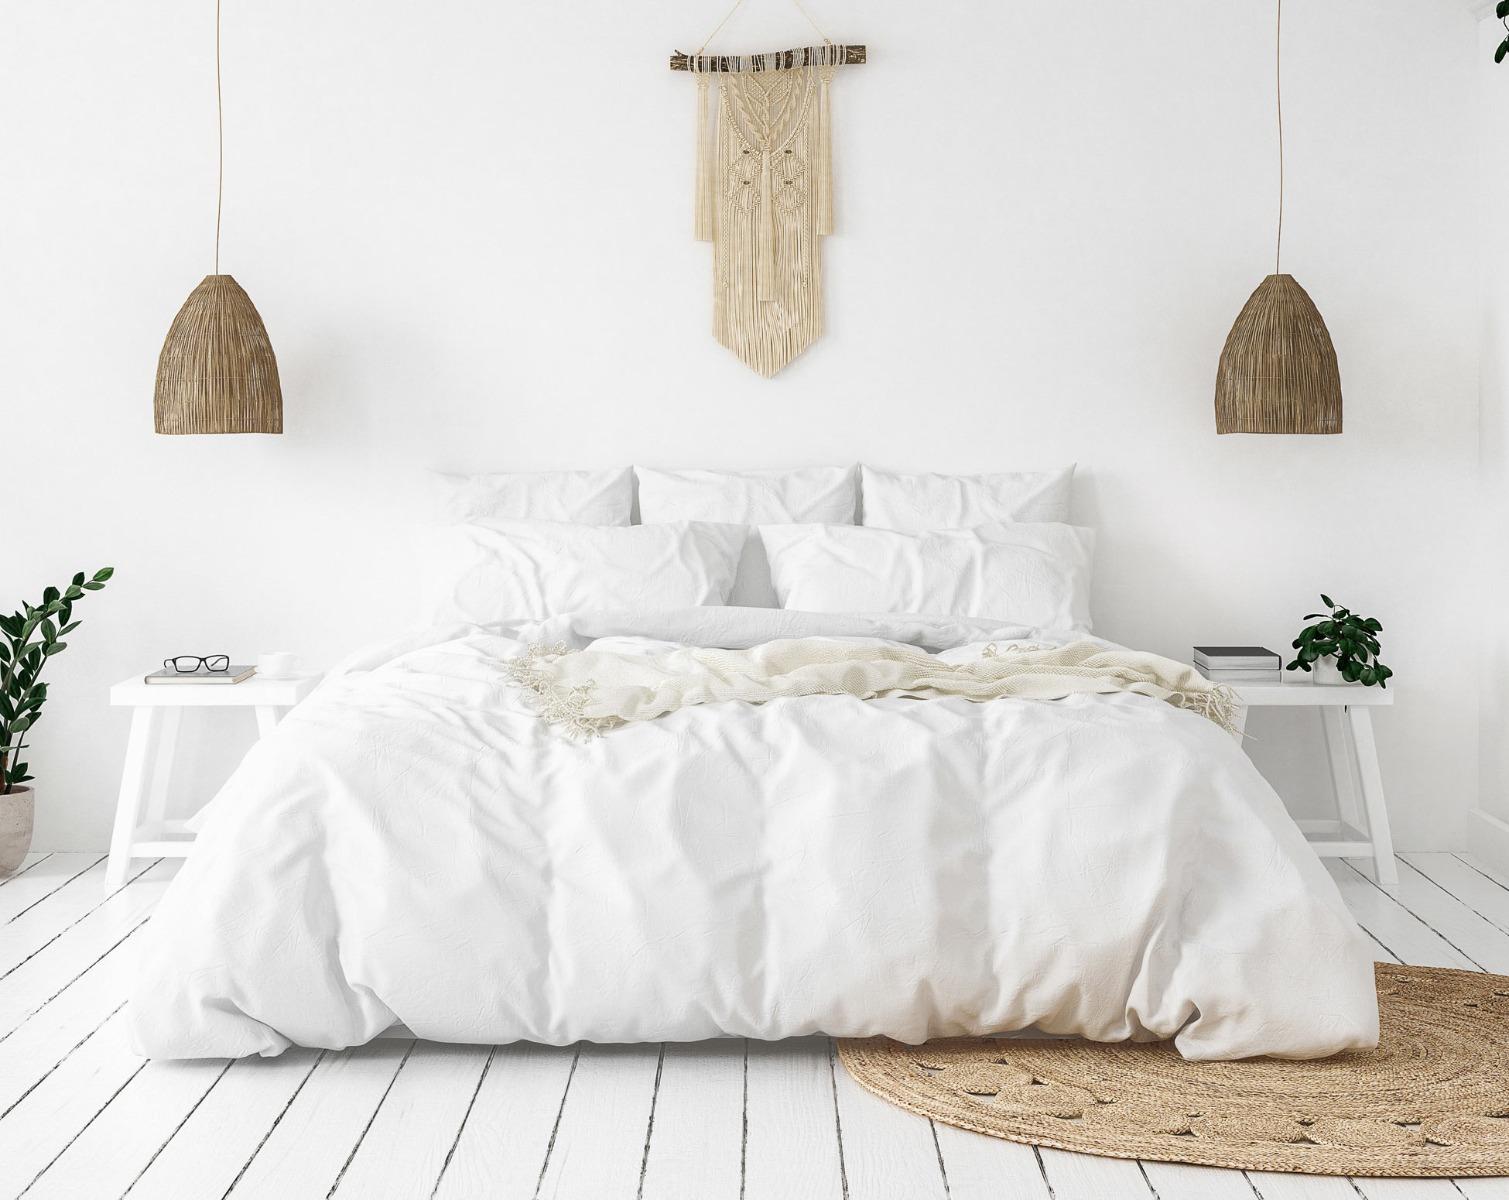 En harmonisk tilføjelse til søvnen